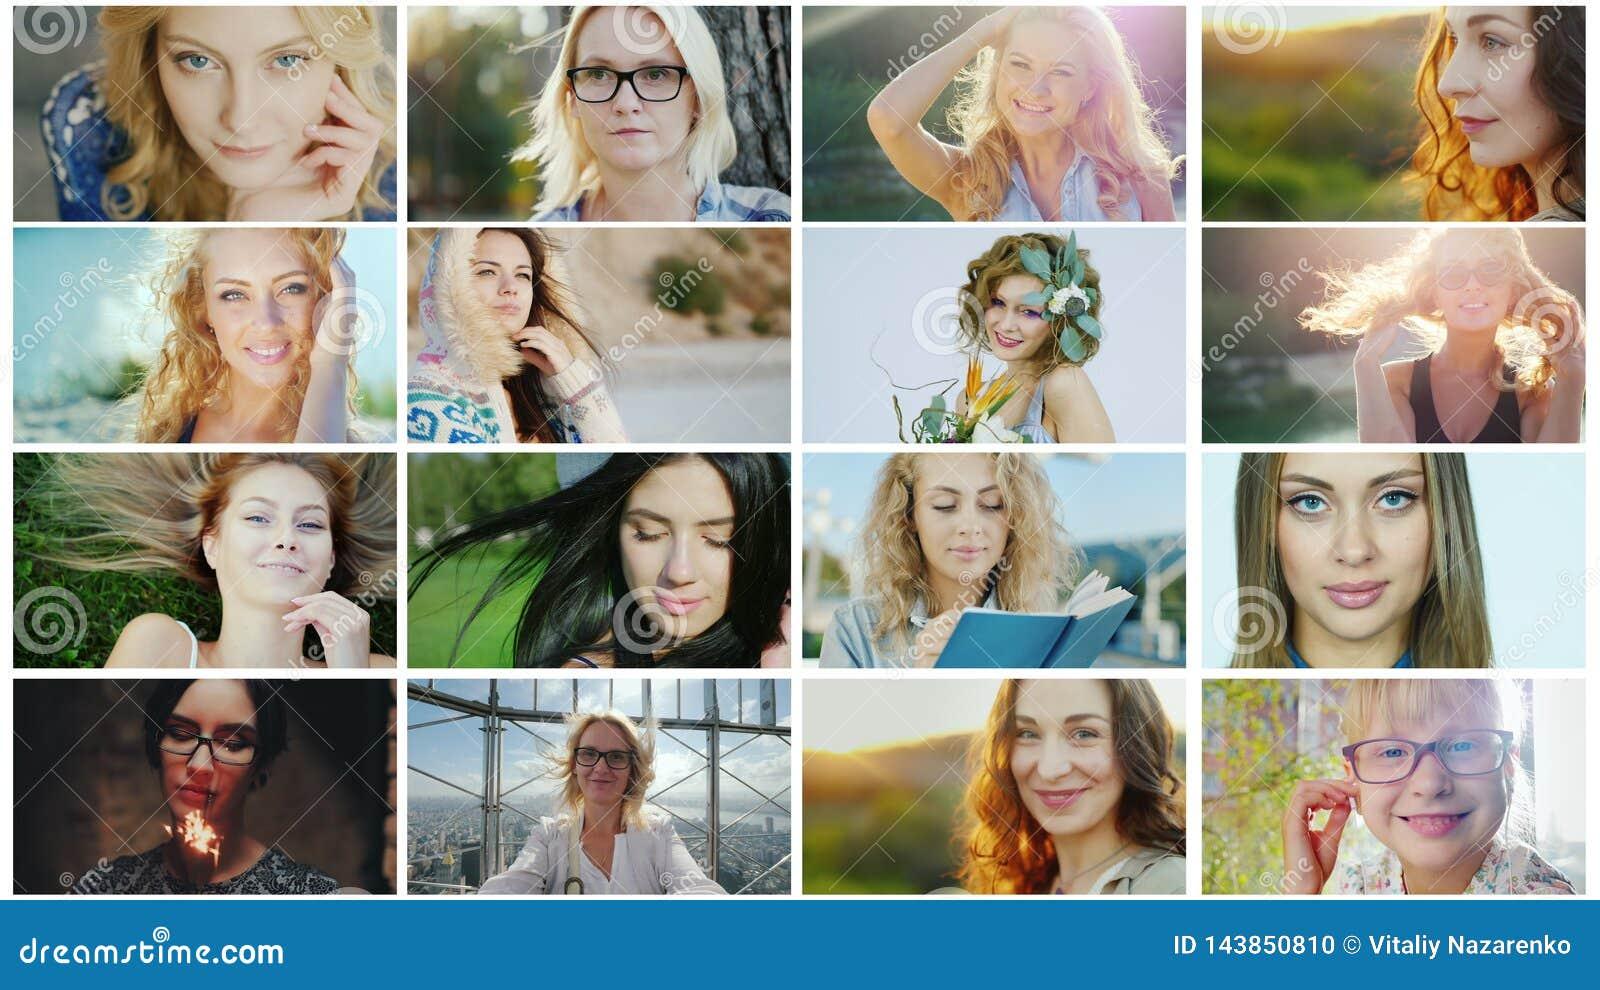 Portrety pomyślne i szczęśliwe kobiety, kolaż fotografie